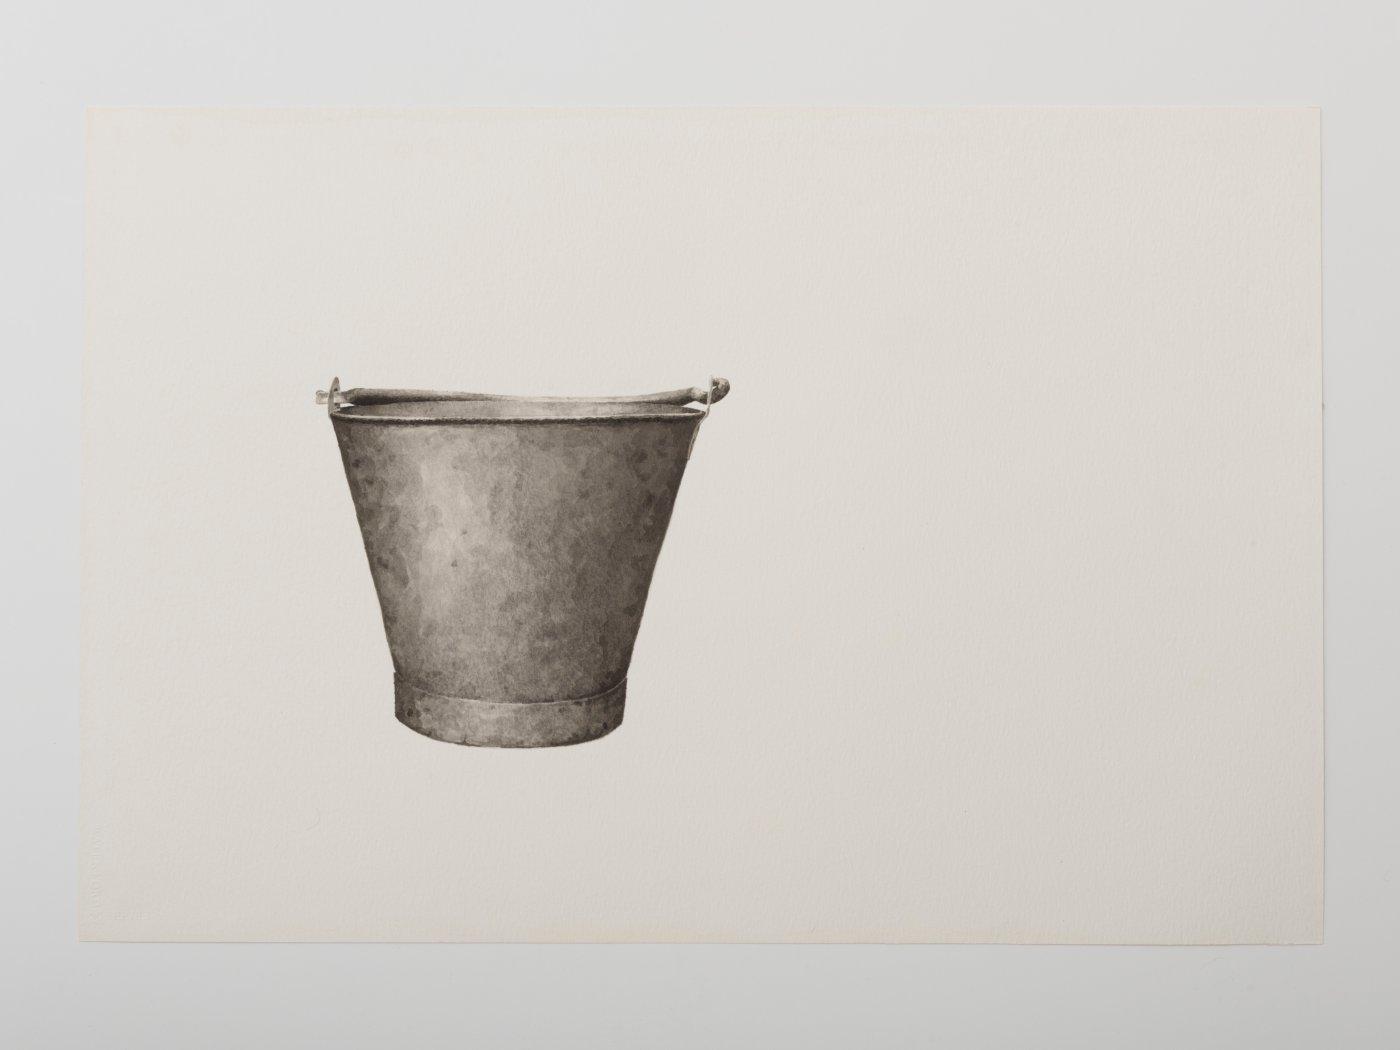 Still thinking 2 (Bucket III)